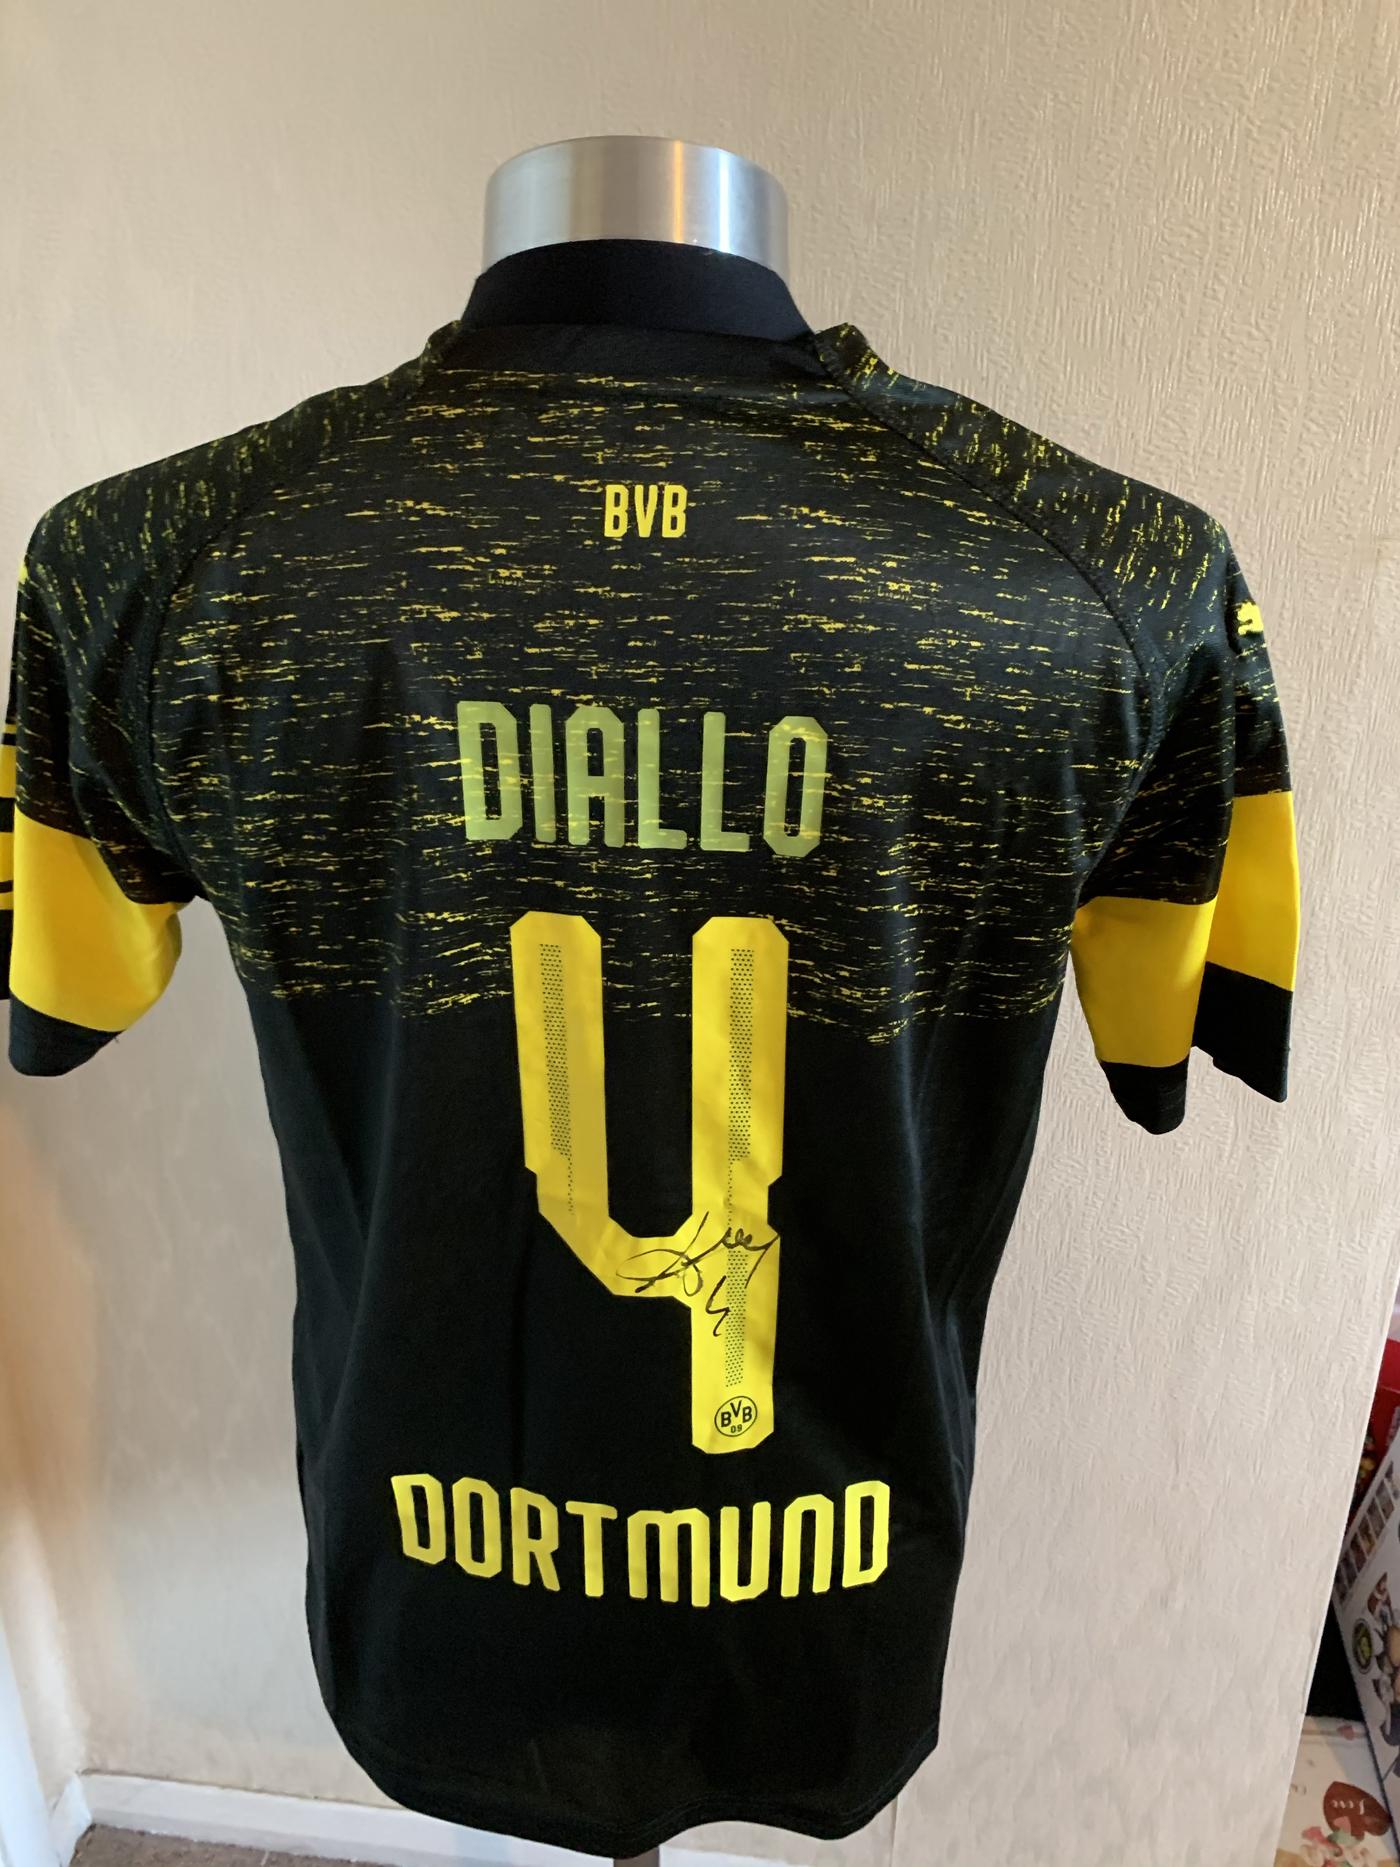 Signed Abdou Diallo Borussia Dortmund shirt